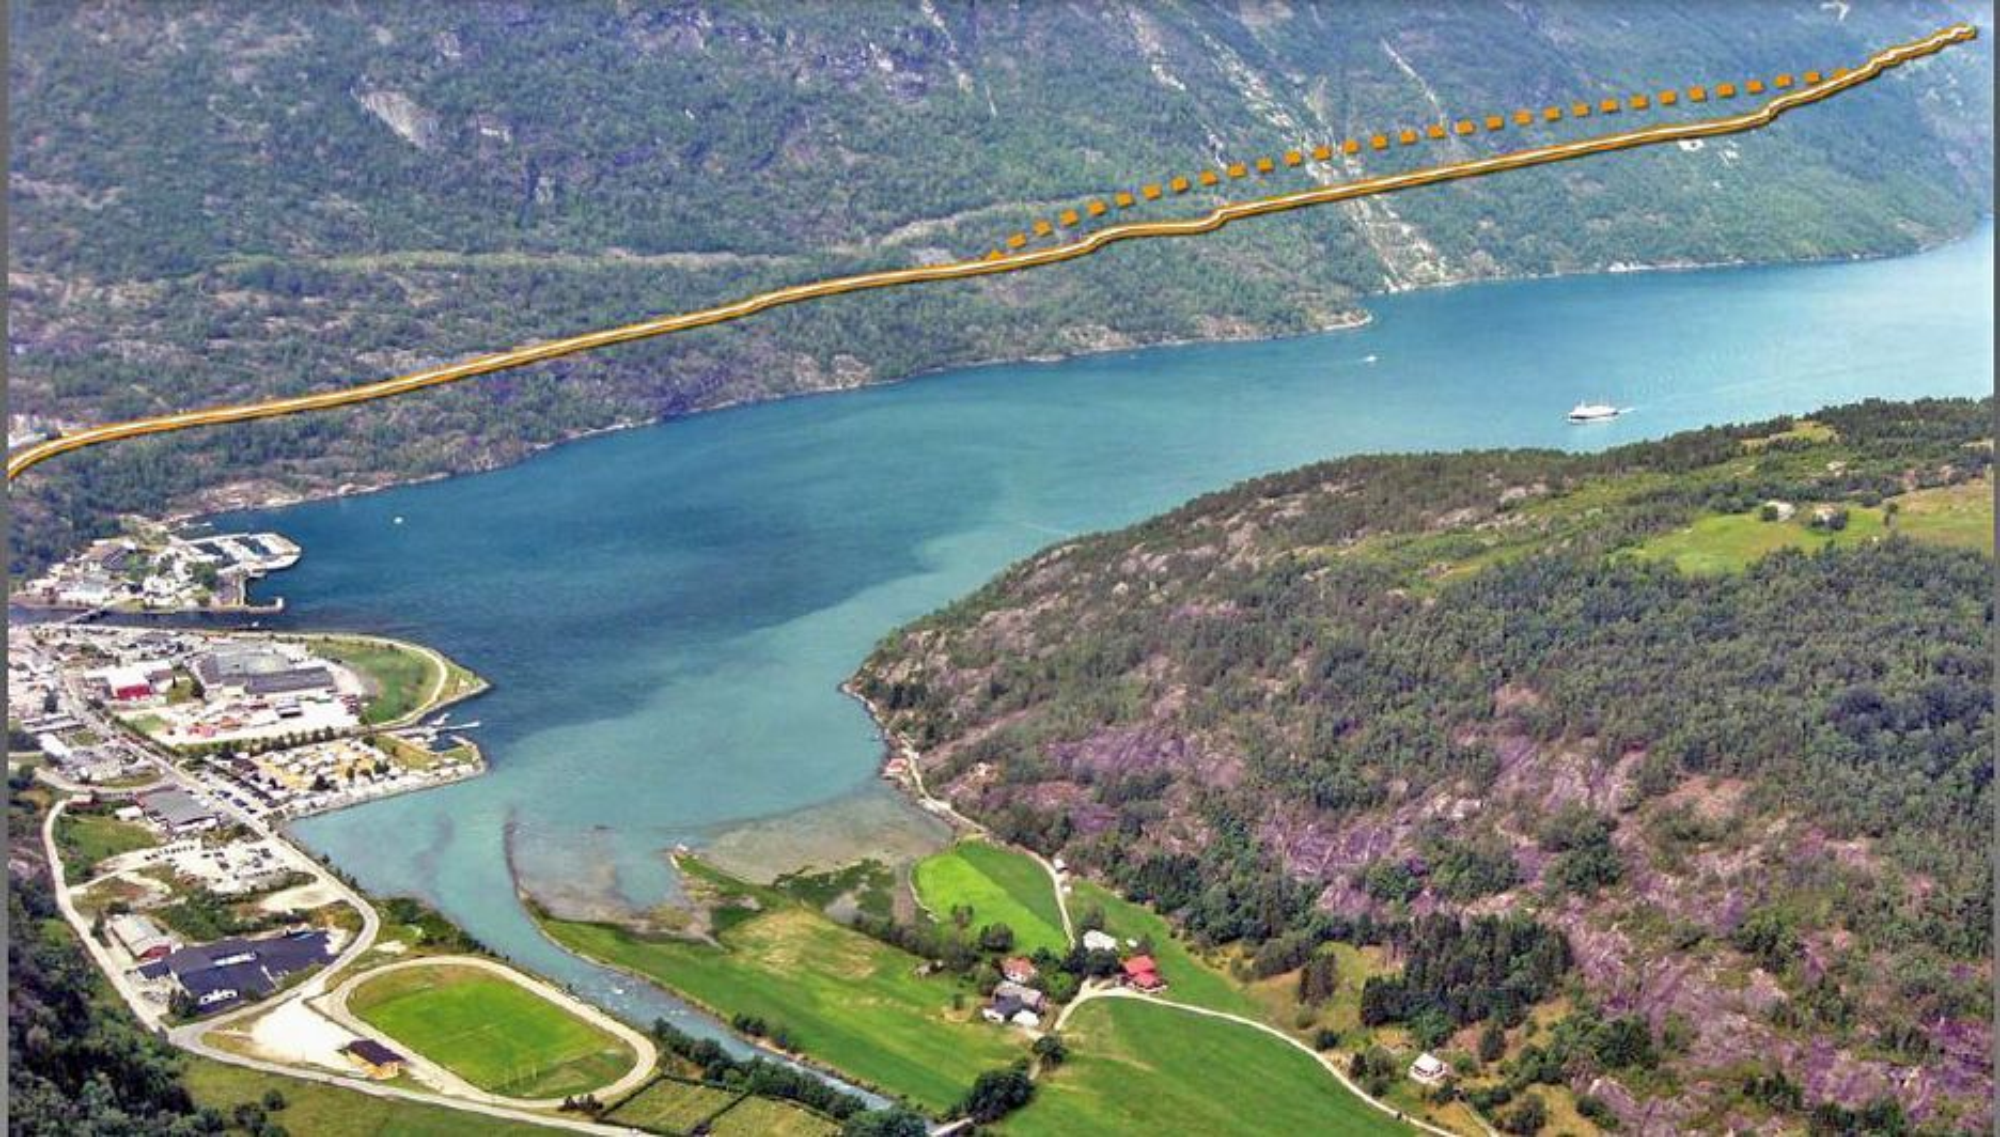 Den stiplete linjen i fjellsiden viser Streketunnelen slik den vil gå når den er forlenget. Oppdraget går til Skanska hvis ingen klager på avgjørelsen. Ill.: Statens vegvesen